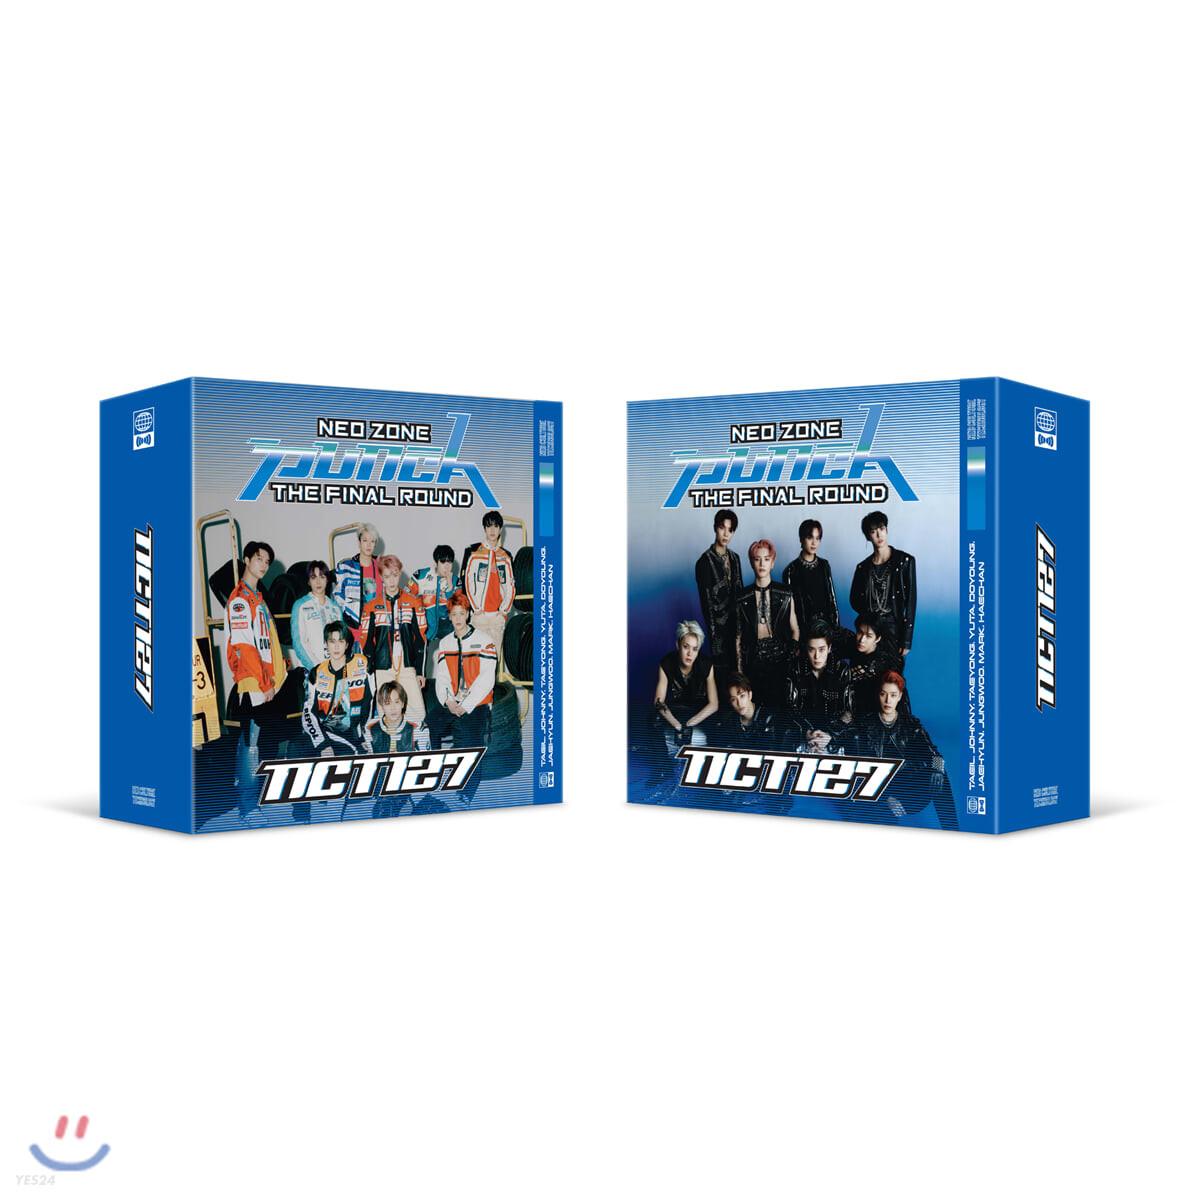 엔시티 127 (NCT 127) 정규 2집 리패키지 - NCT #127 Neo Zone: The Final Round [스마트 뮤직 앨범(키트 앨범)] [커버 2종 중 랜덤 발송]